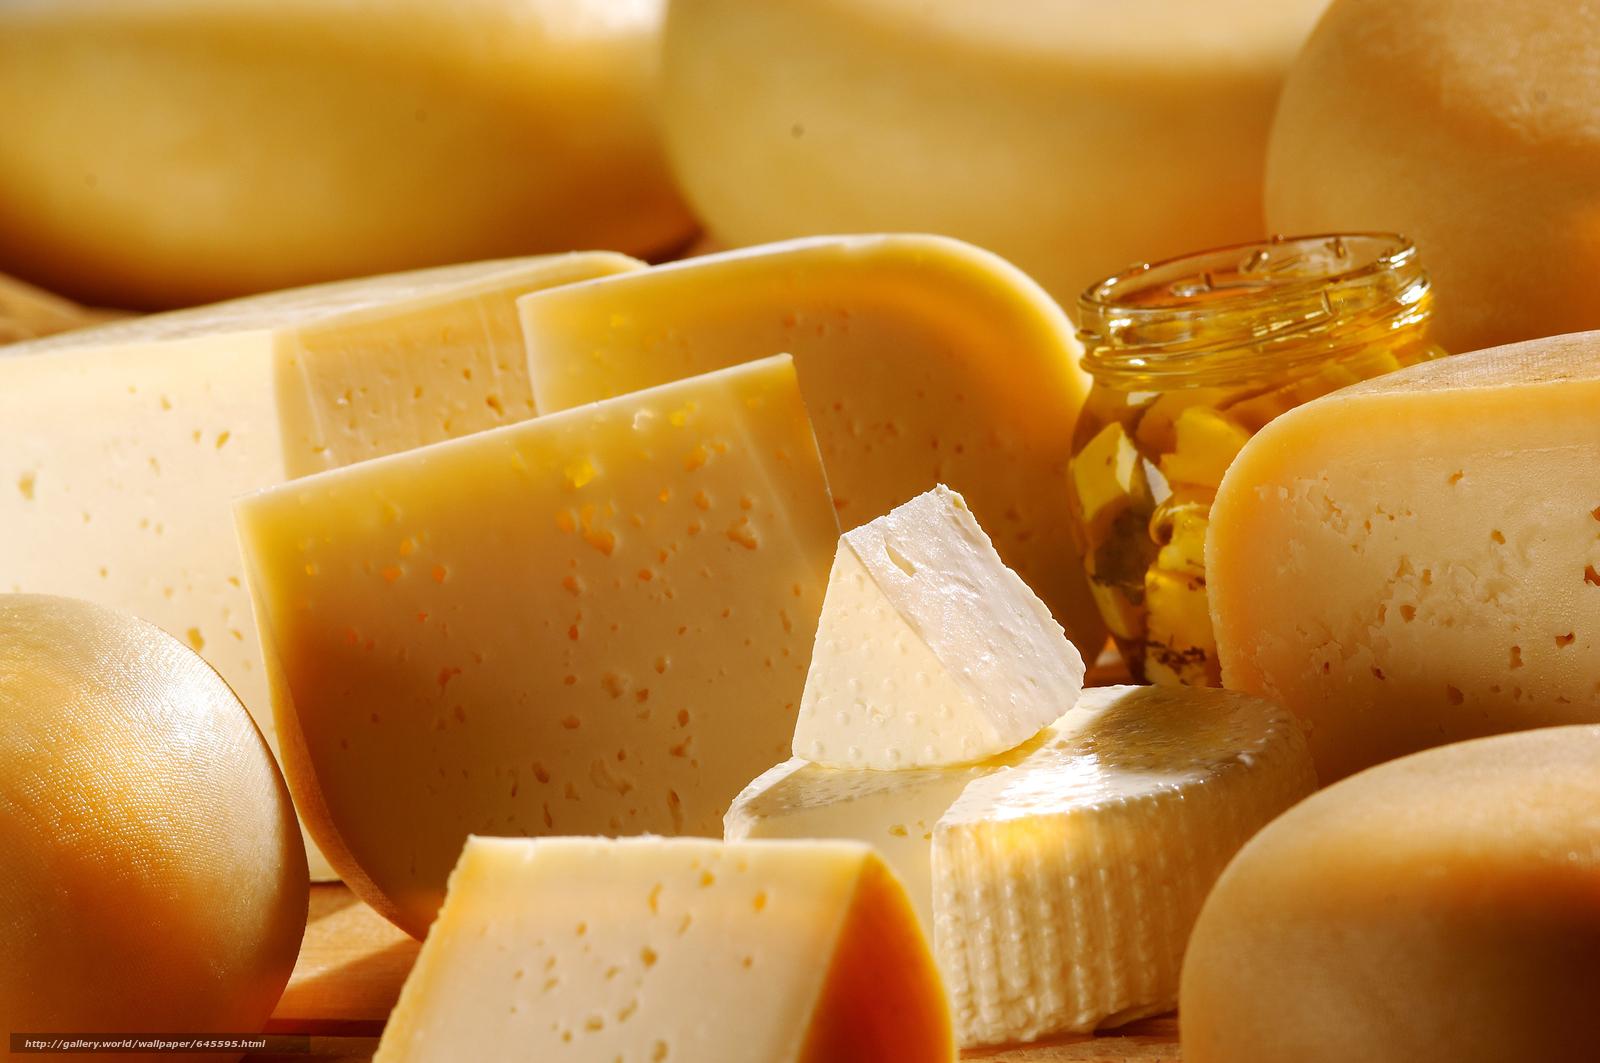 Скачать обои сыр,  еда,  пища,  провиант бесплатно для рабочего стола в разрешении 8500x5646 — картинка №645595